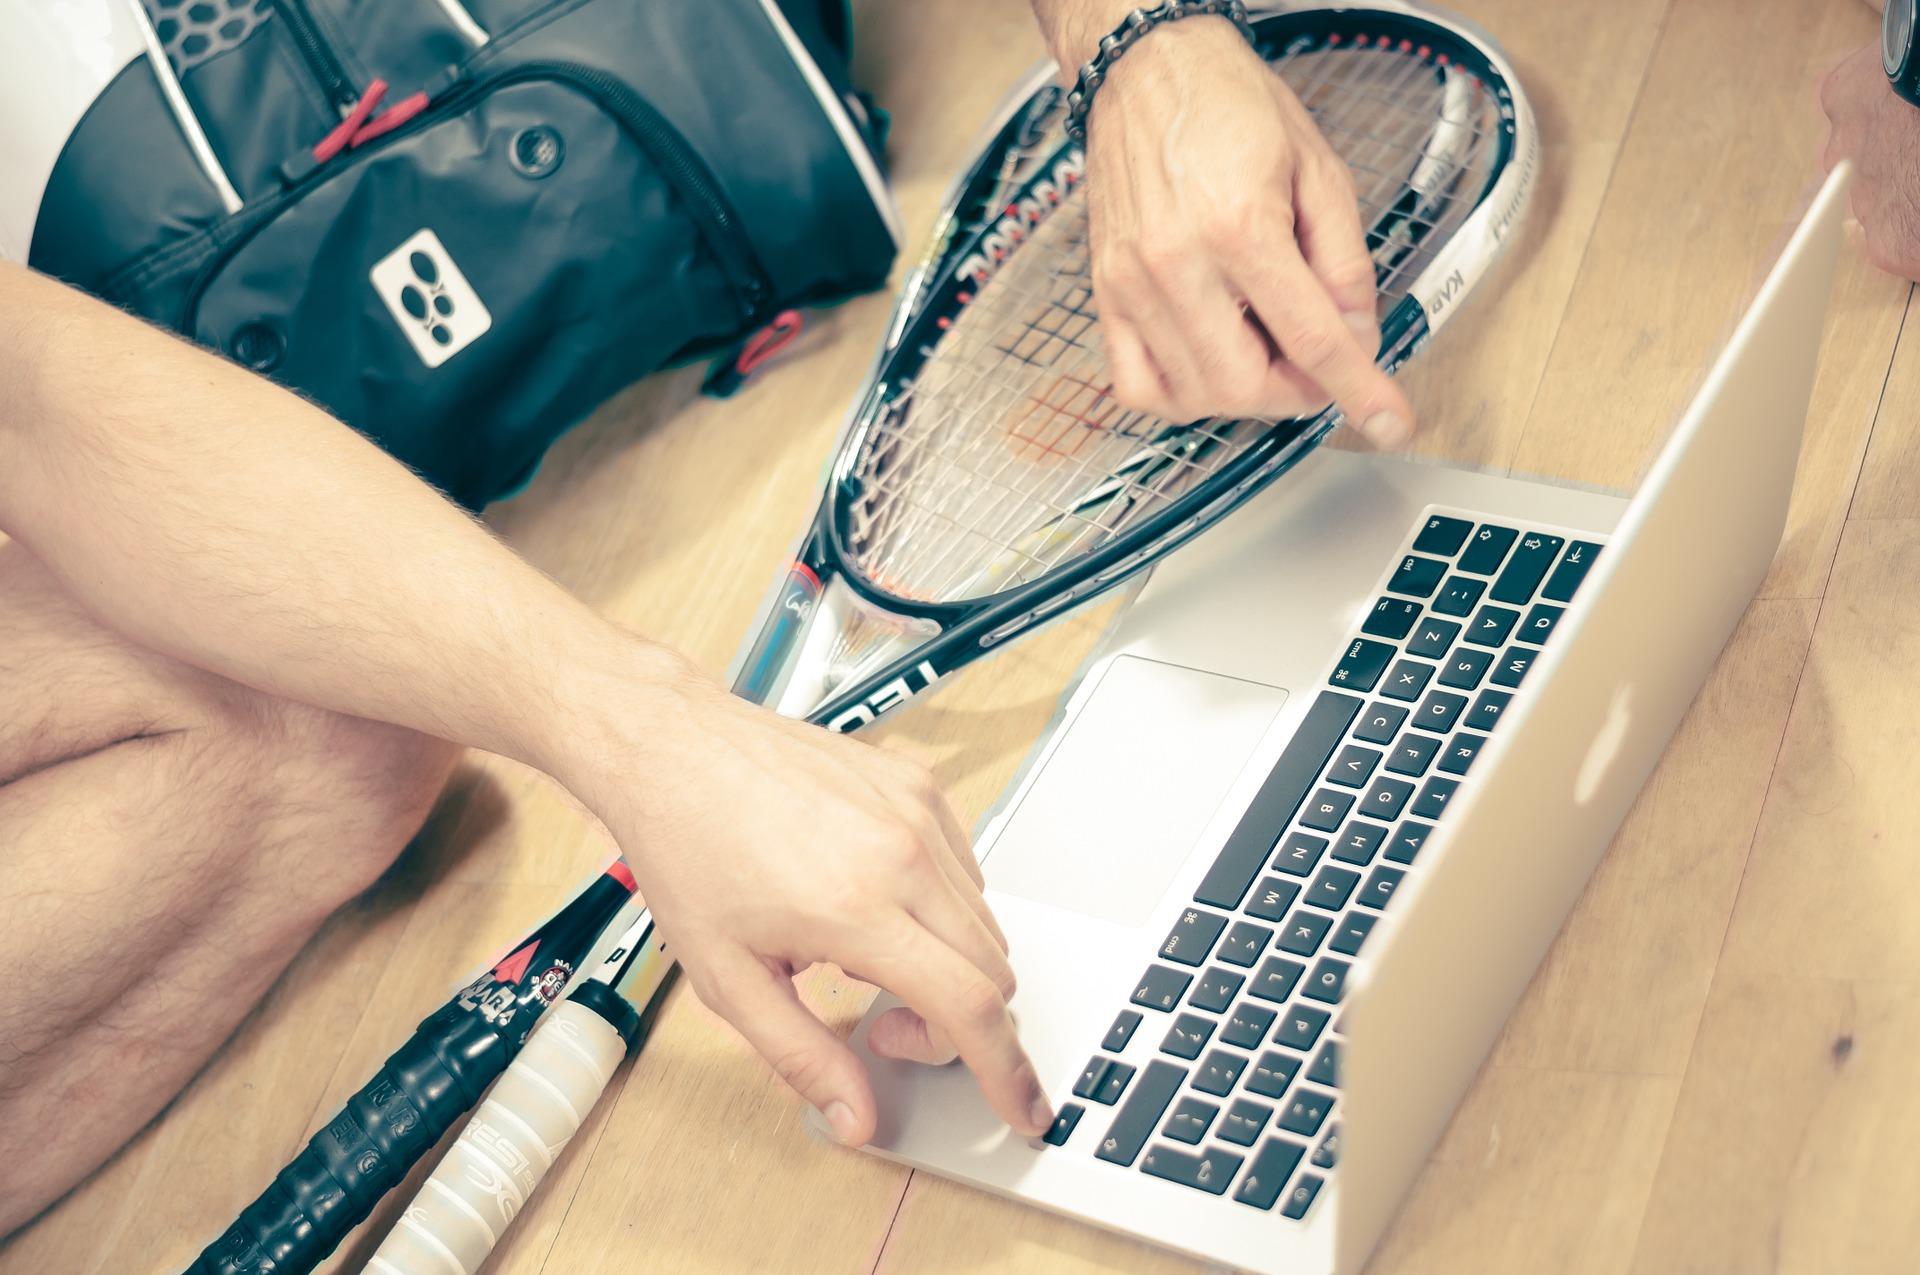 מאמני כושר: איך תעבירו אימונים מקוונים ברשת?